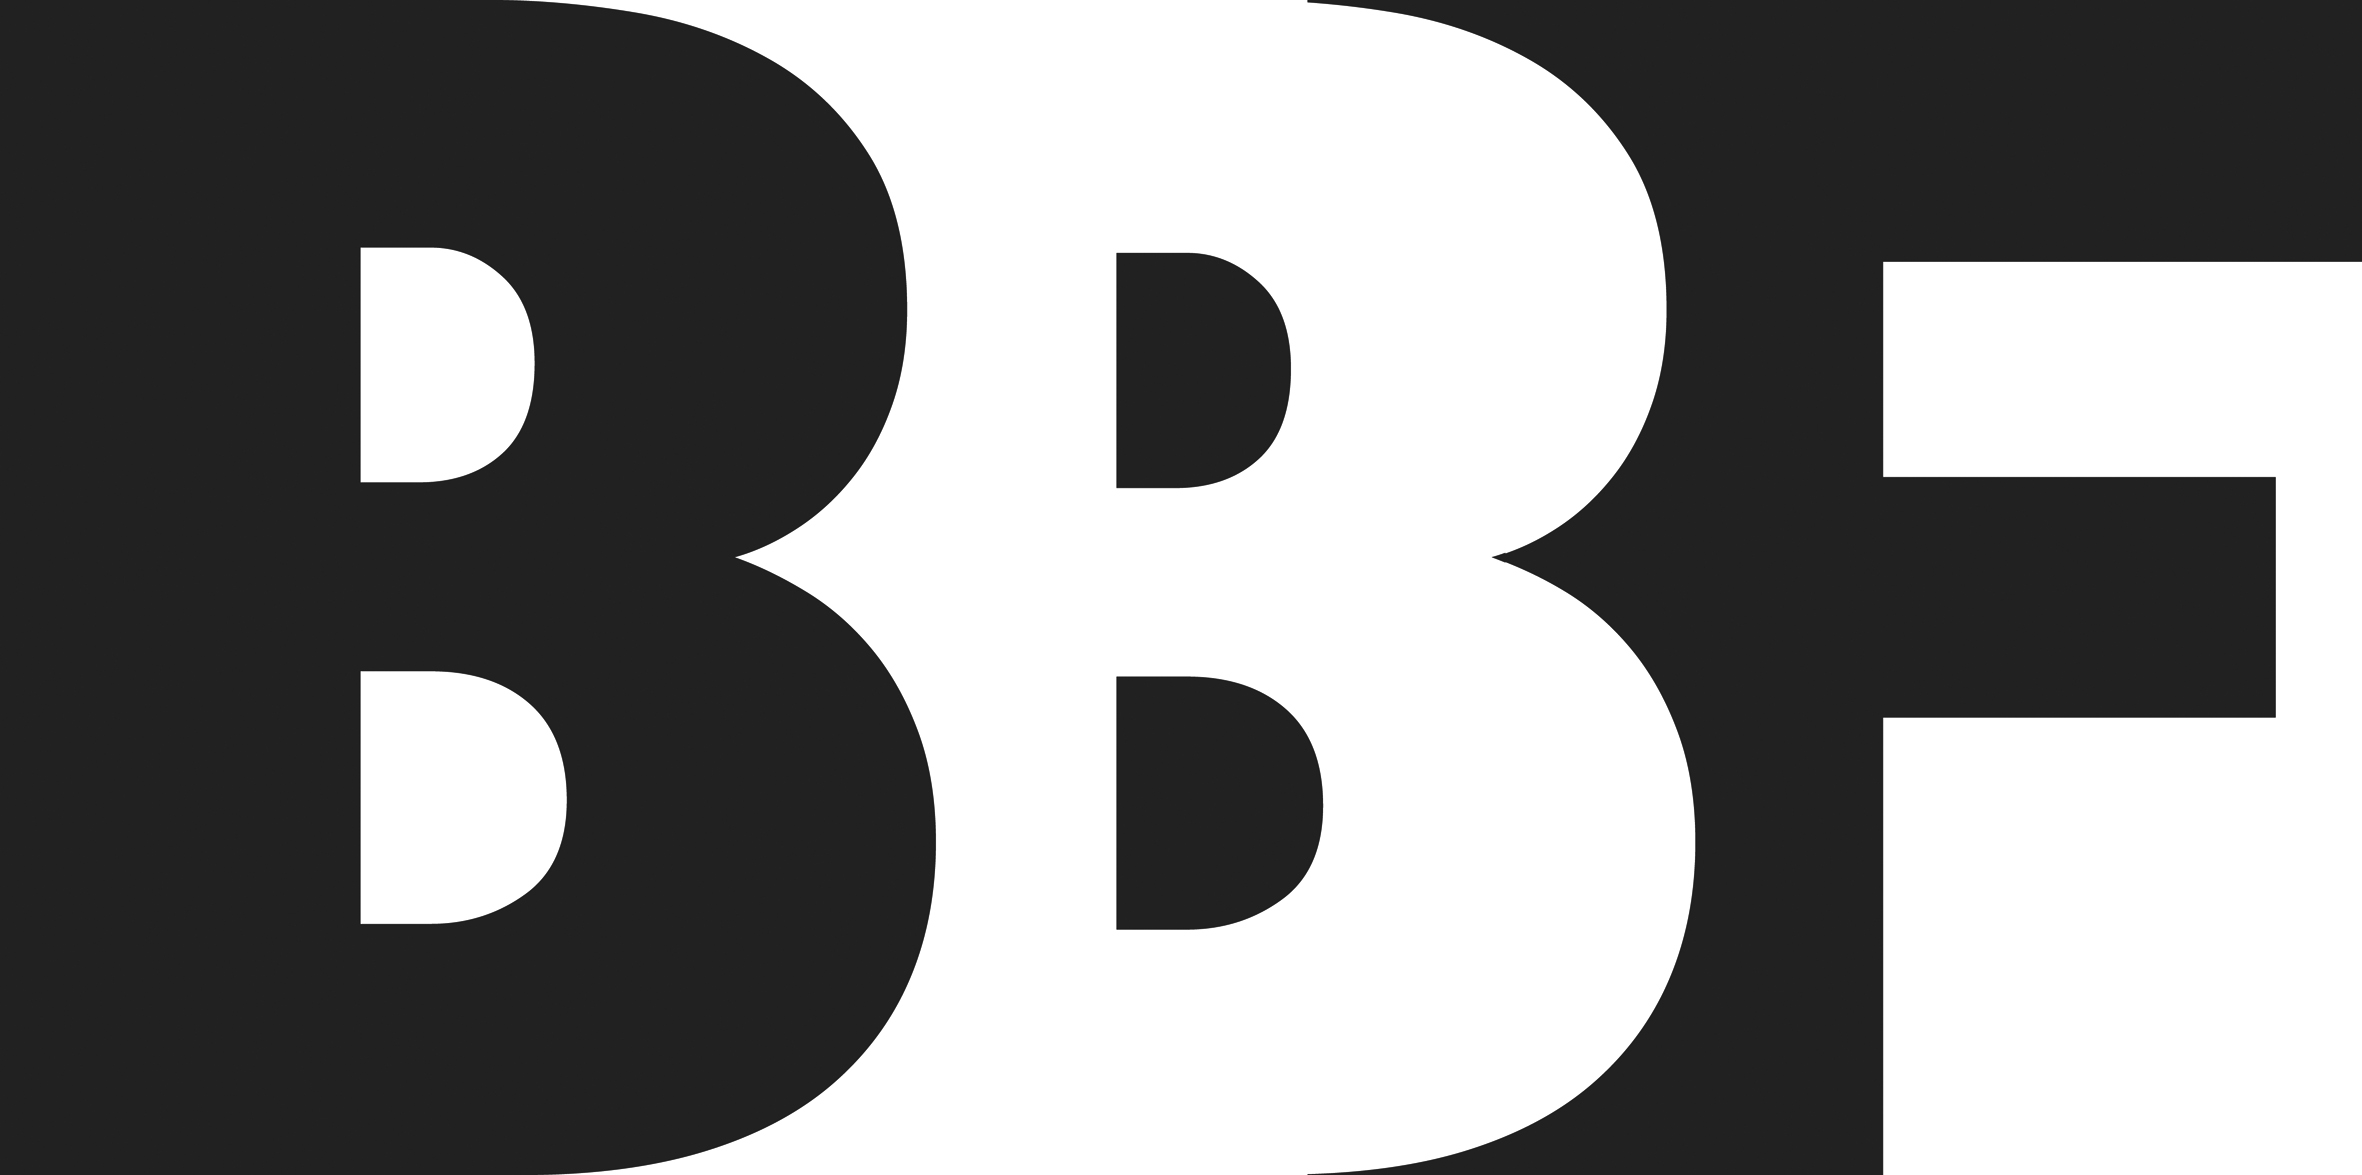 """Logo de la revue """"Bulletin des bibliothèques de France (BBF)"""""""